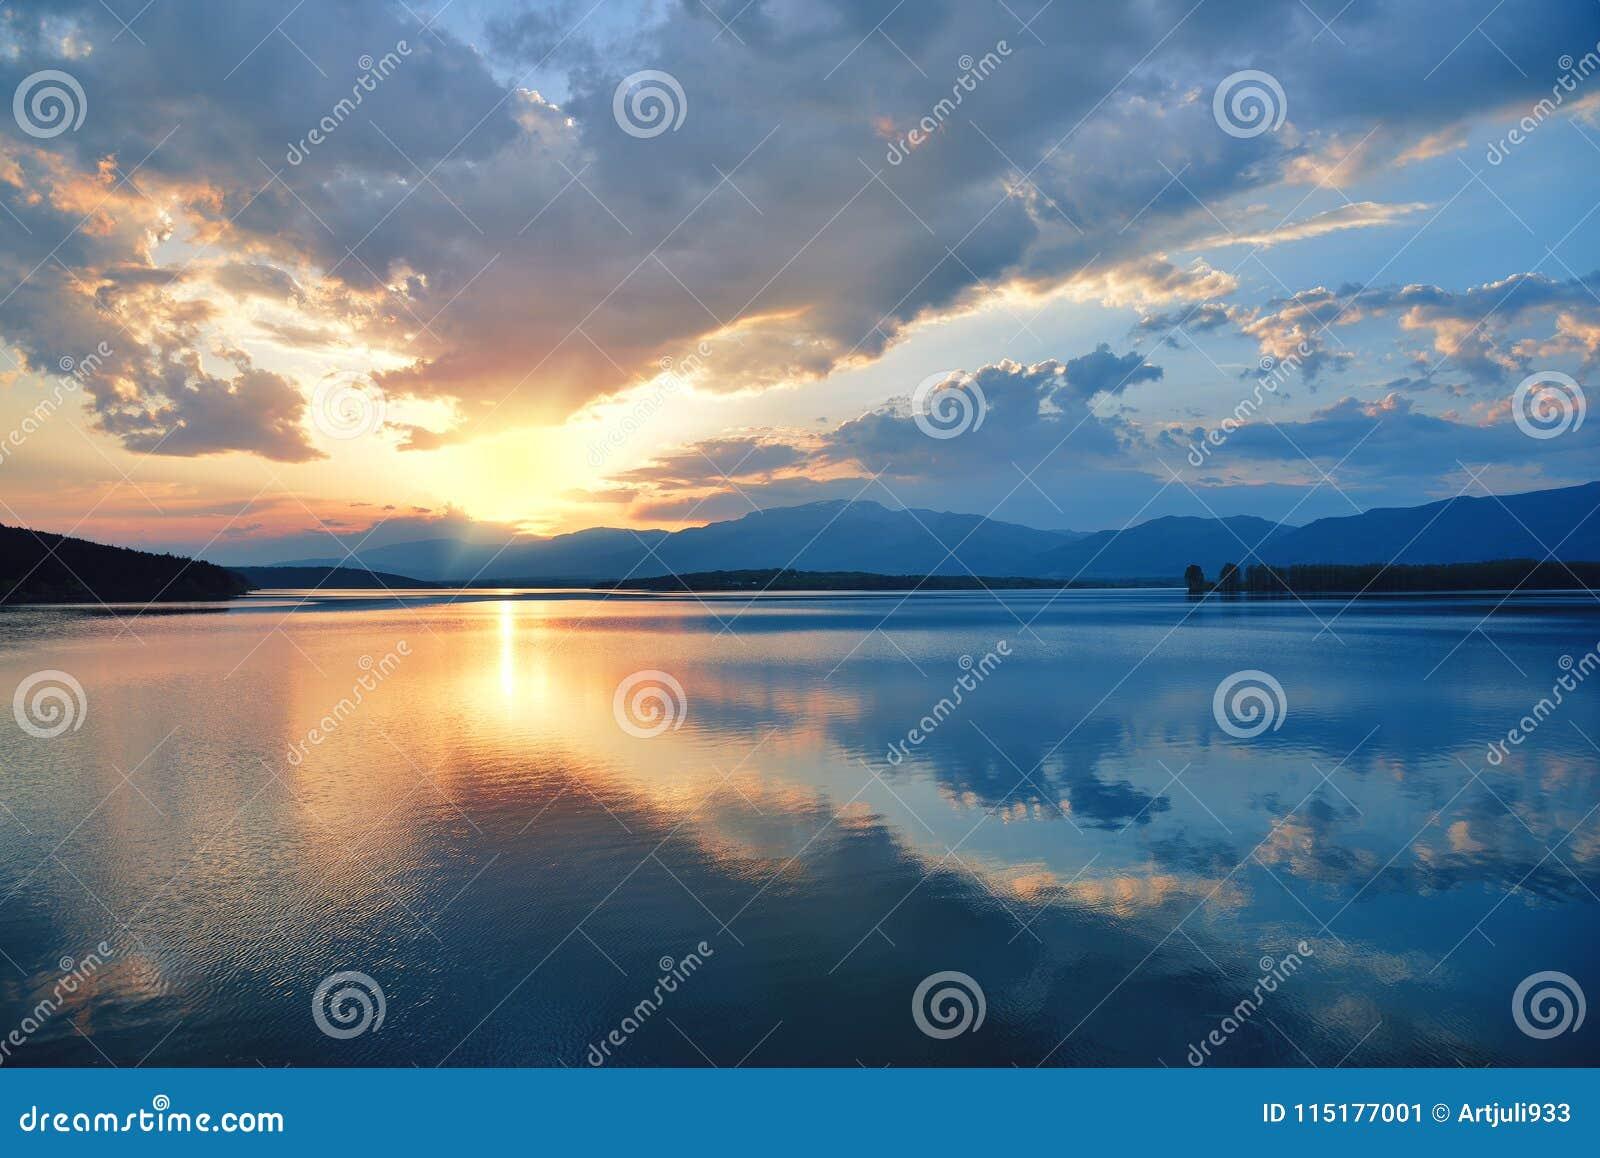 Incredibly härlig solnedgång Sol sjö Solnedgång eller soluppgånglandskap, panorama av den härliga naturen Fantastiska färgrika mo